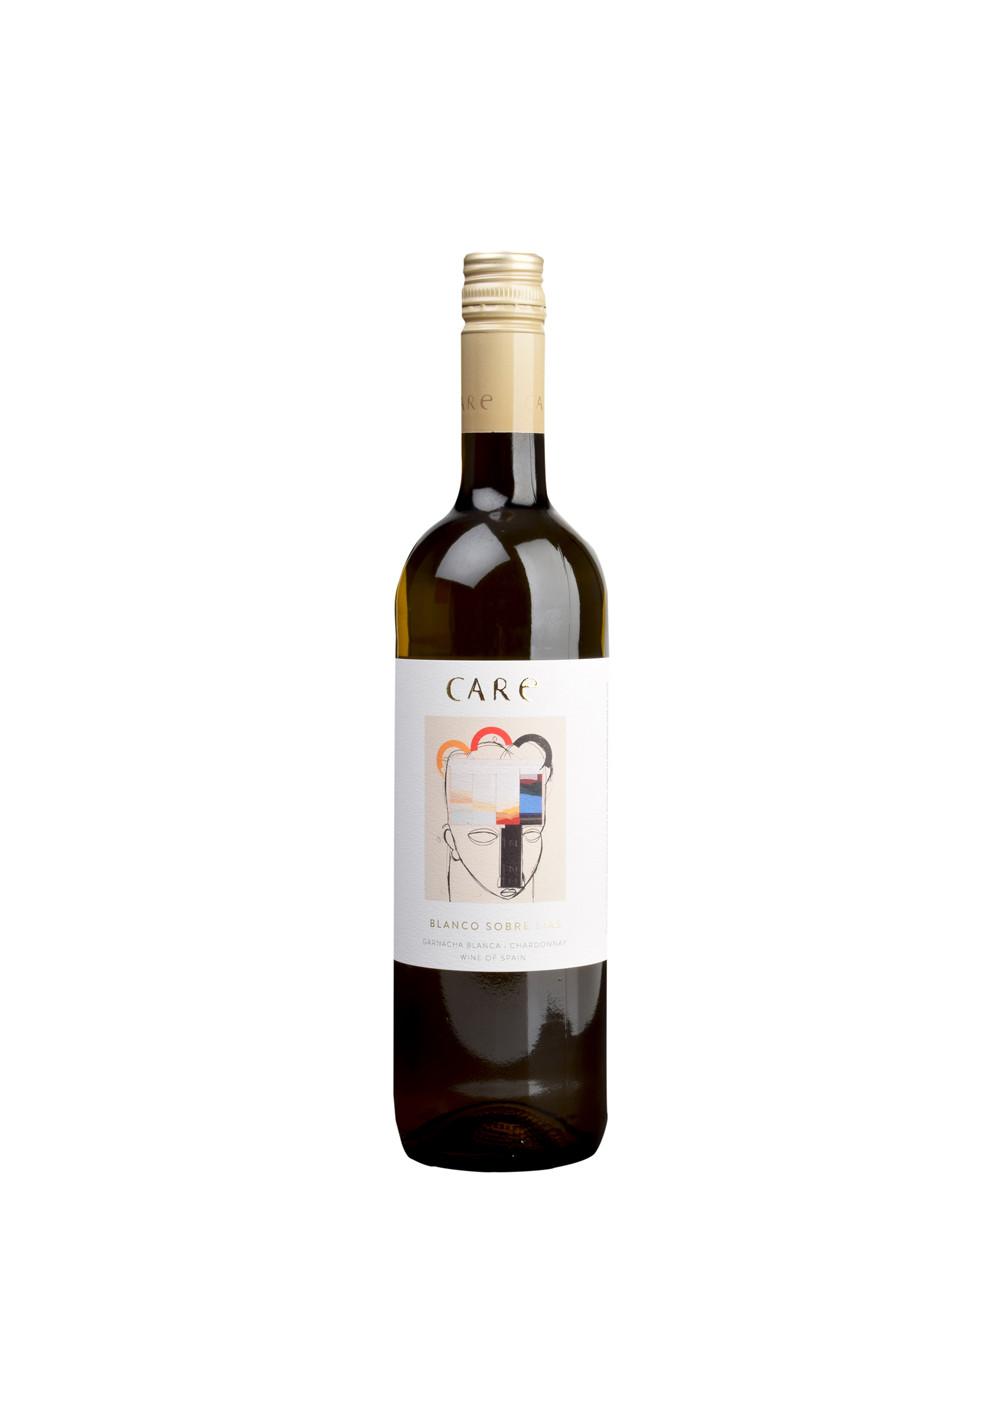 Blanco sobre lias - Weißwein auf der Hefe.